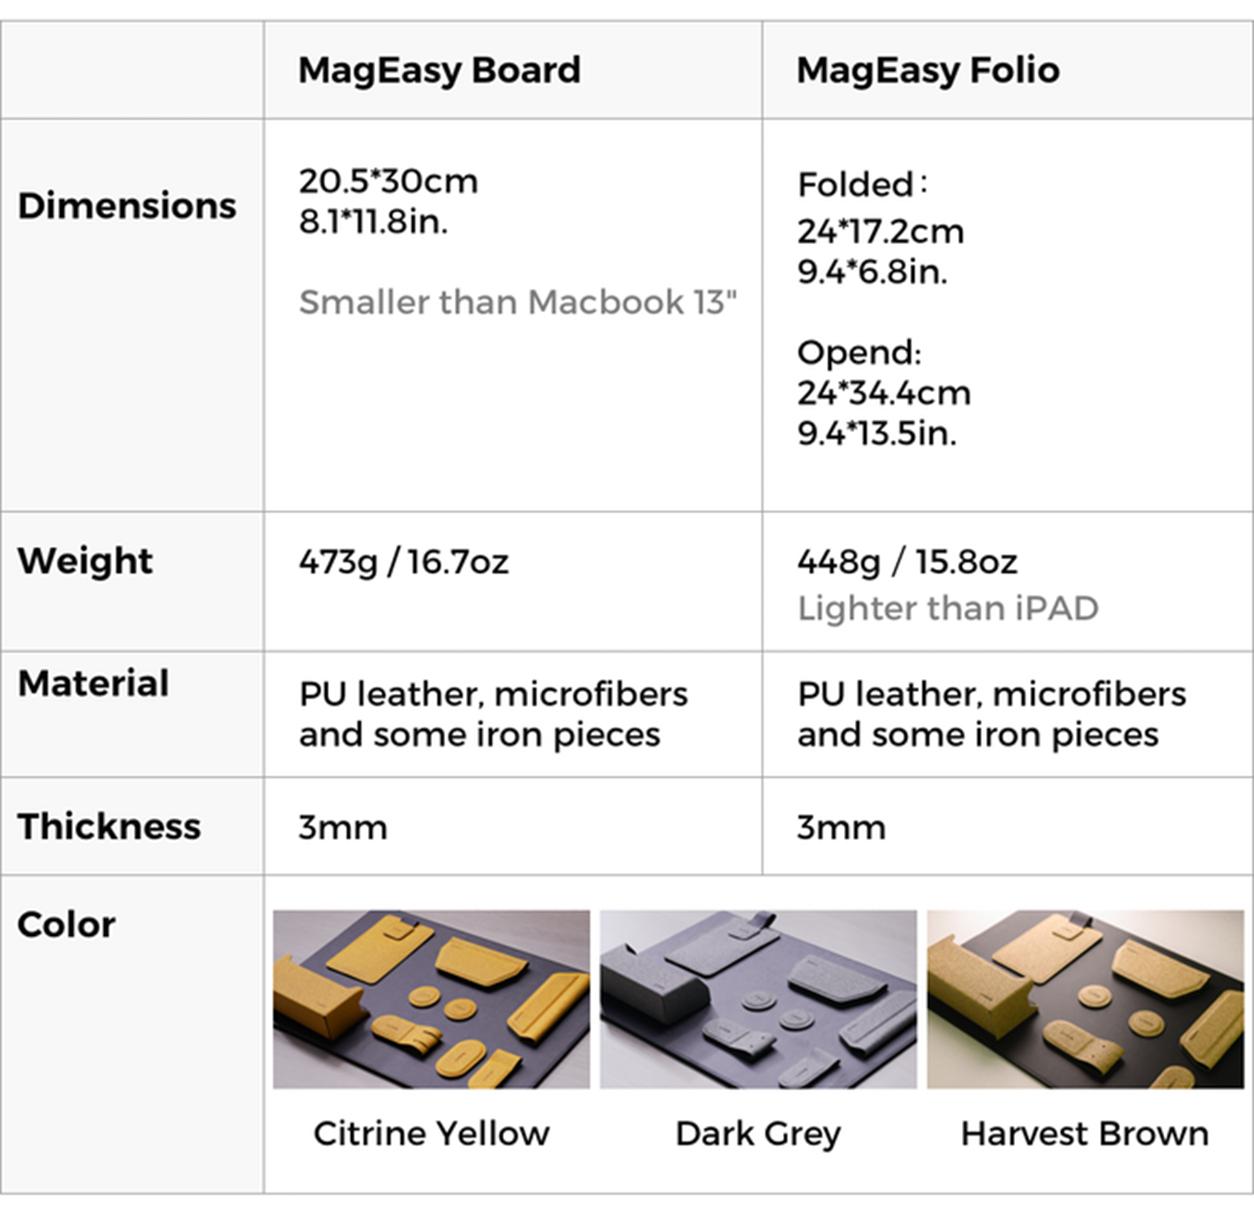 [集資新玩意] MagEasy 秒收磁吸收納套組:用於工作和生活的模組化磁吸收納整理套件 @3C 達人廖阿輝